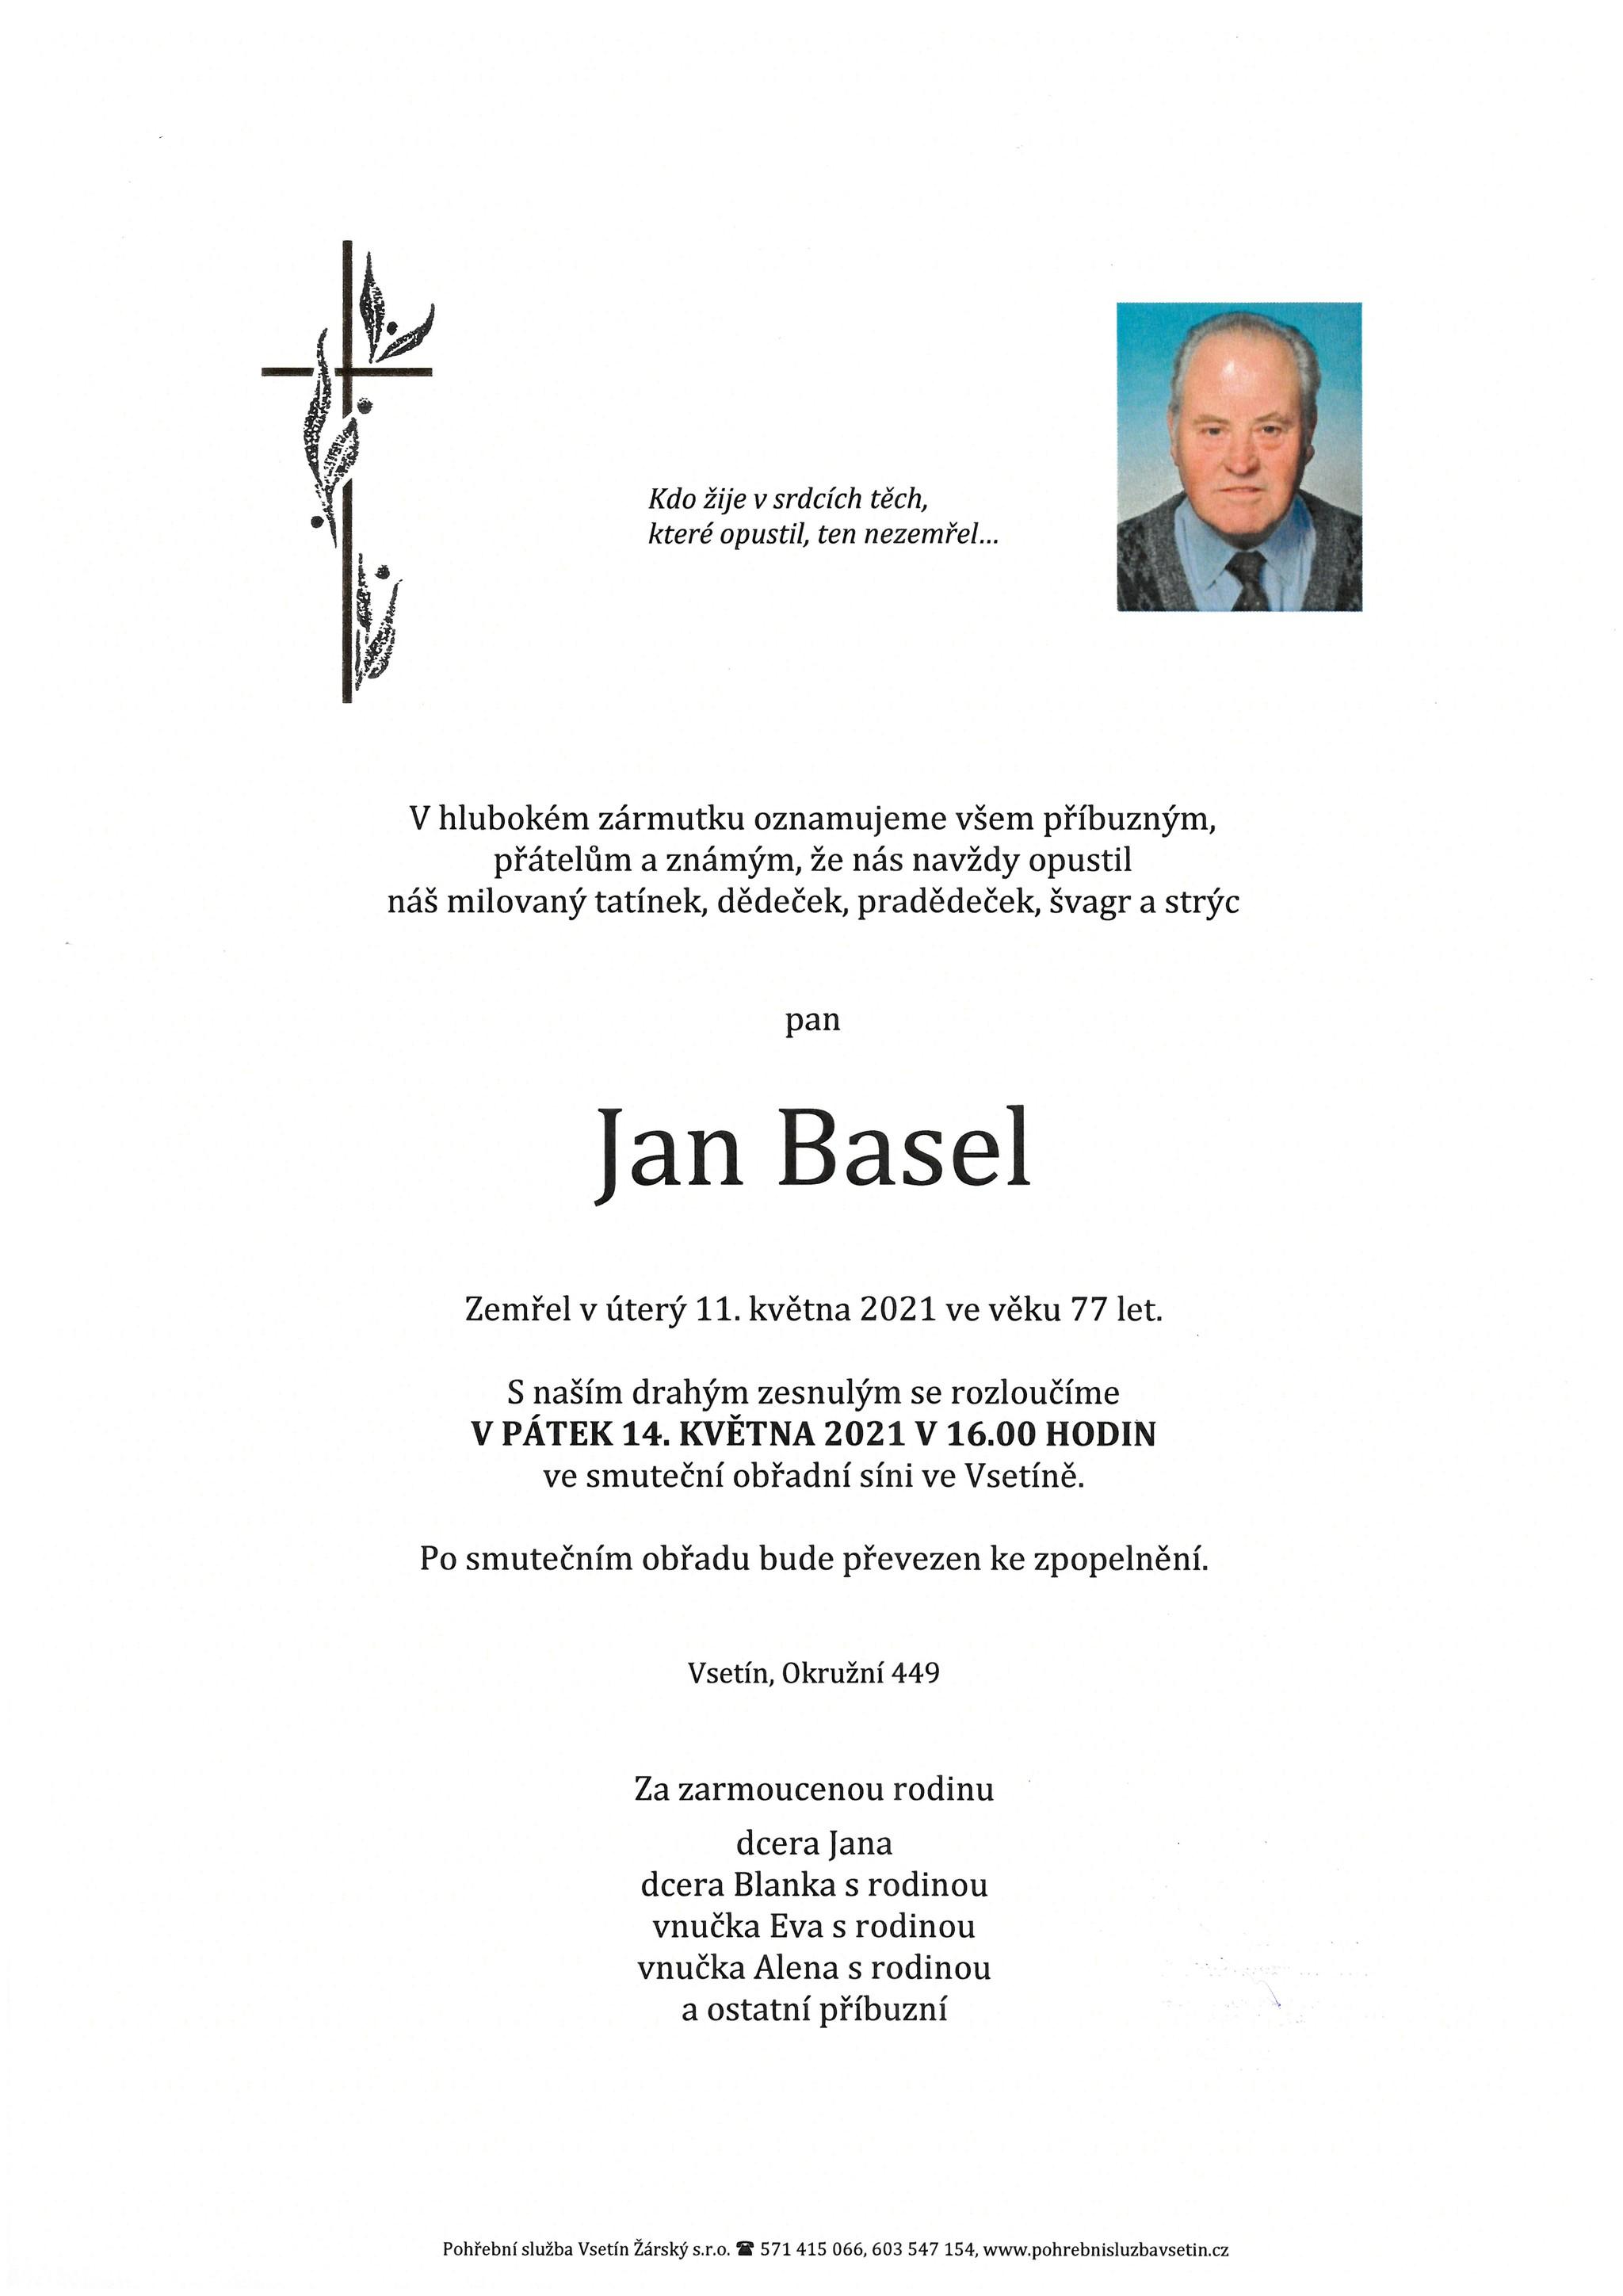 Jan Basel